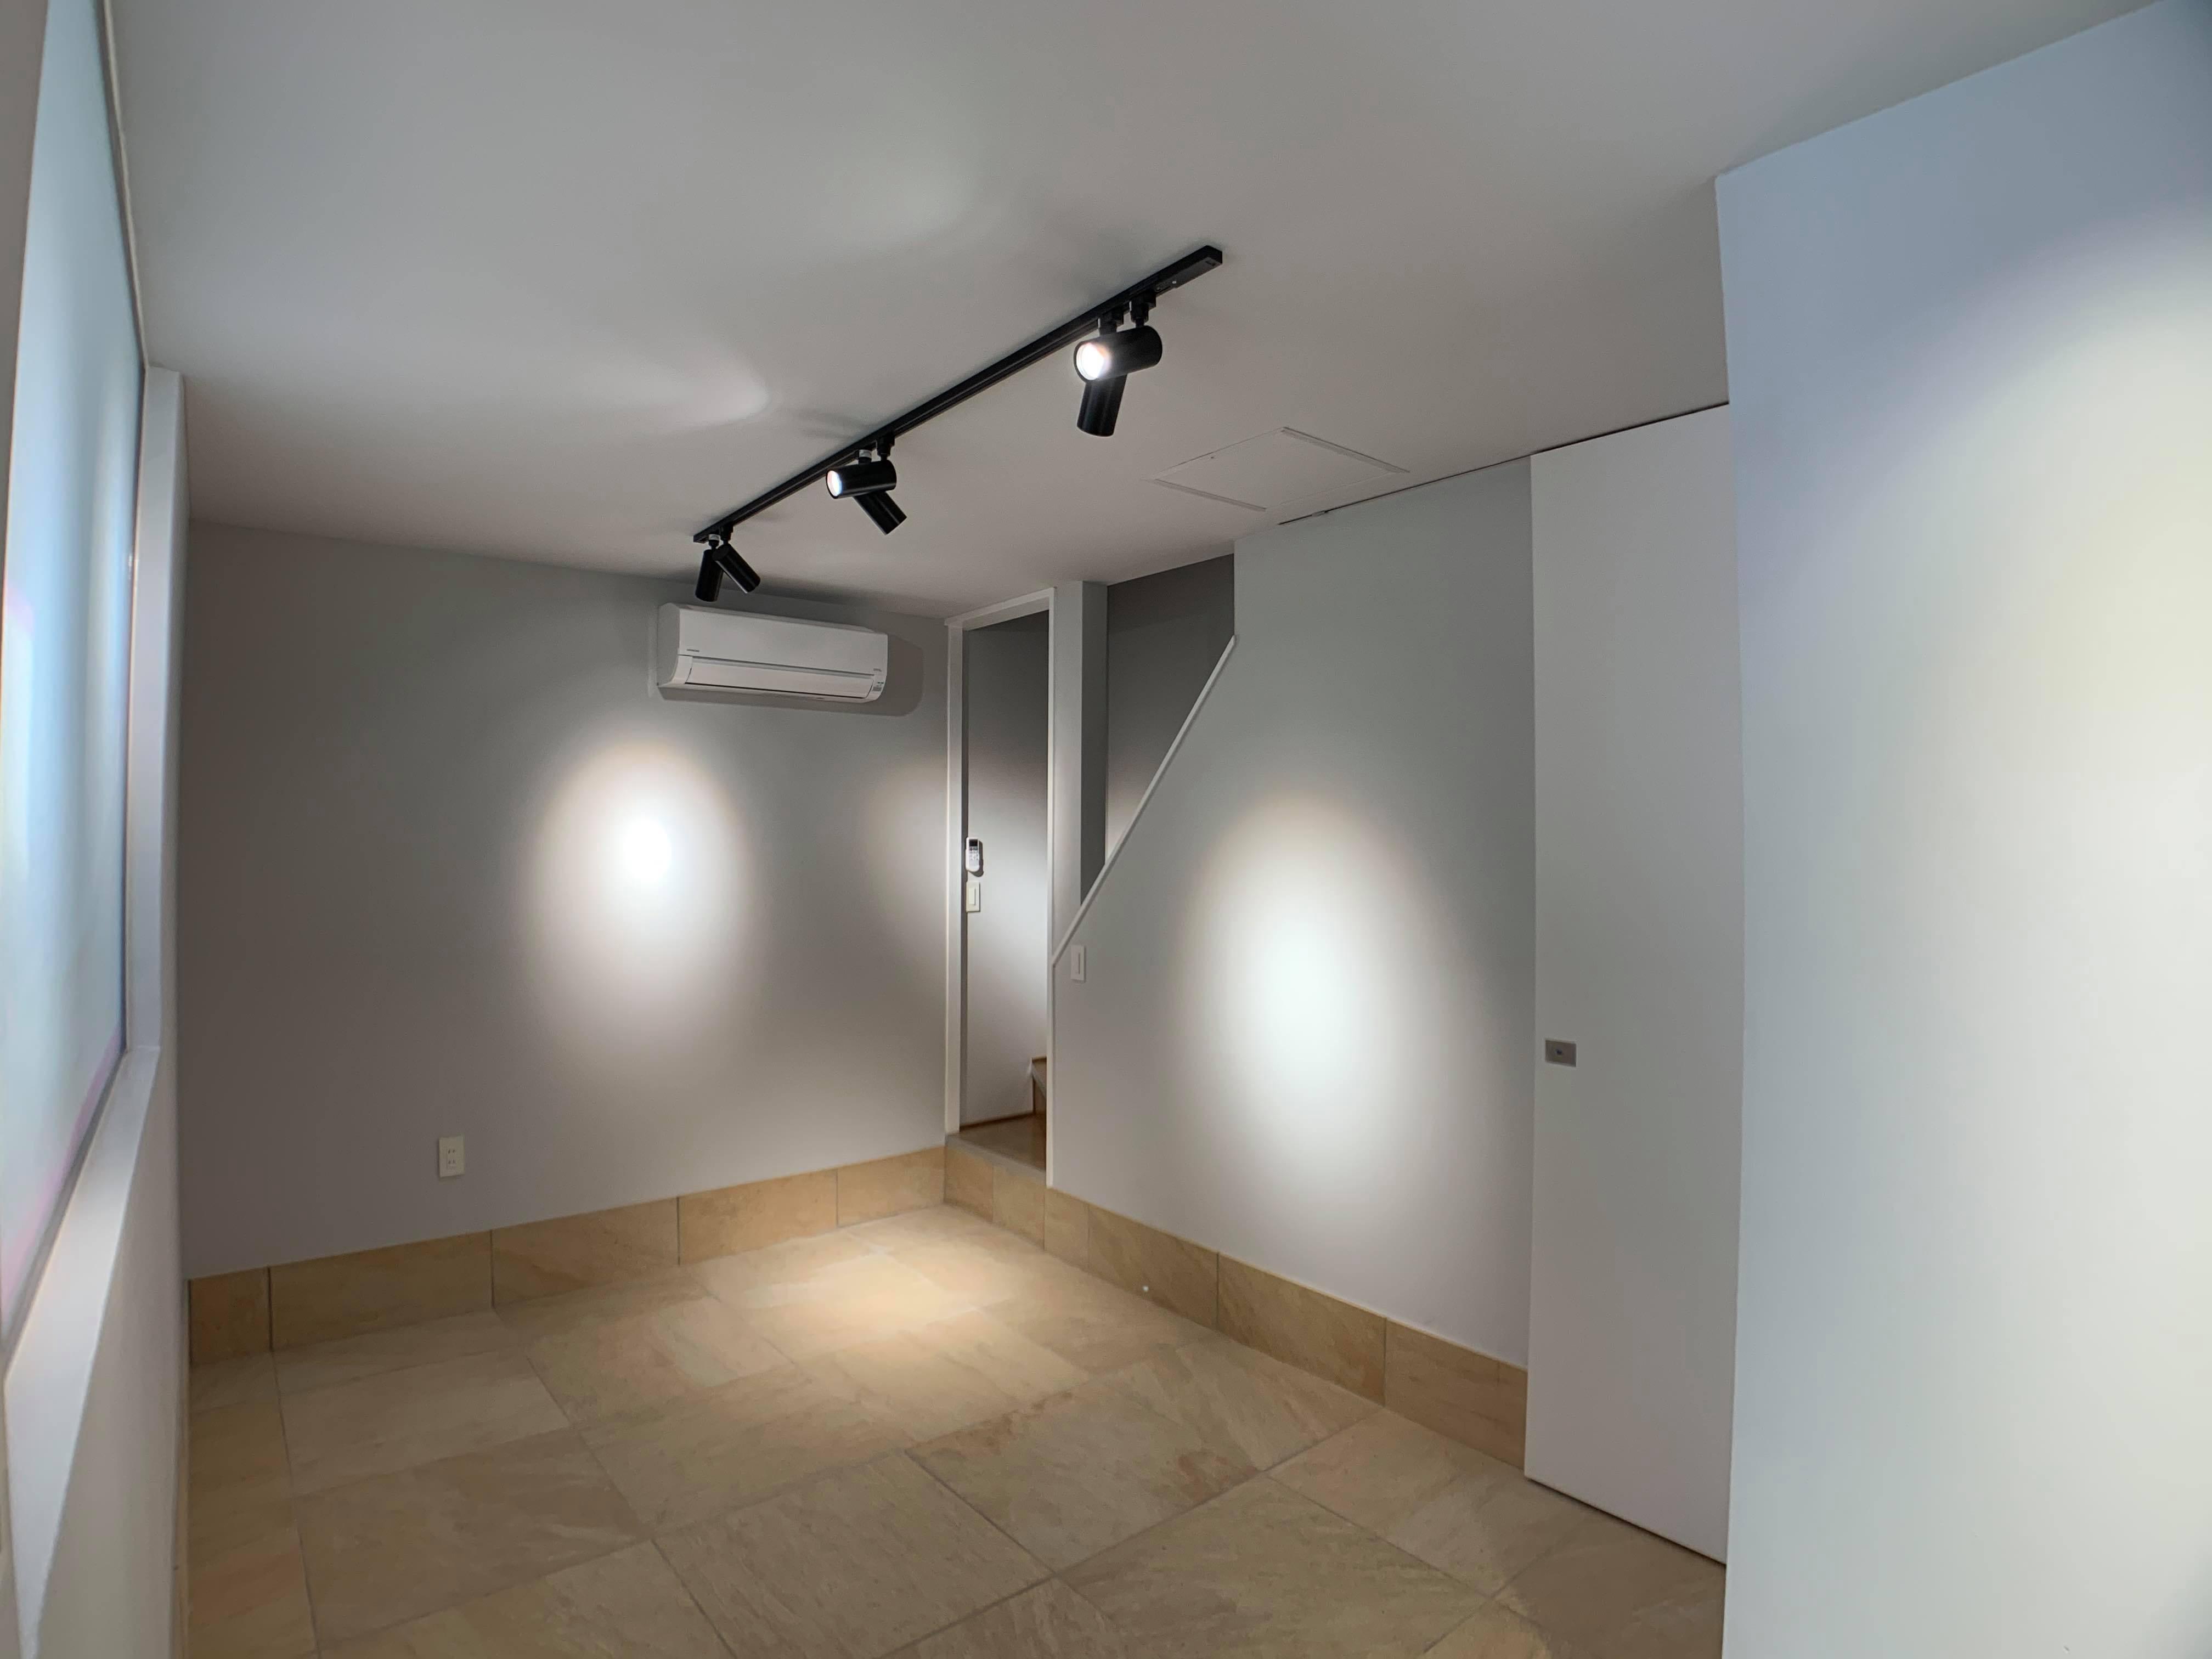 玄関入るとこんな感じです。1階にもトイレあります。